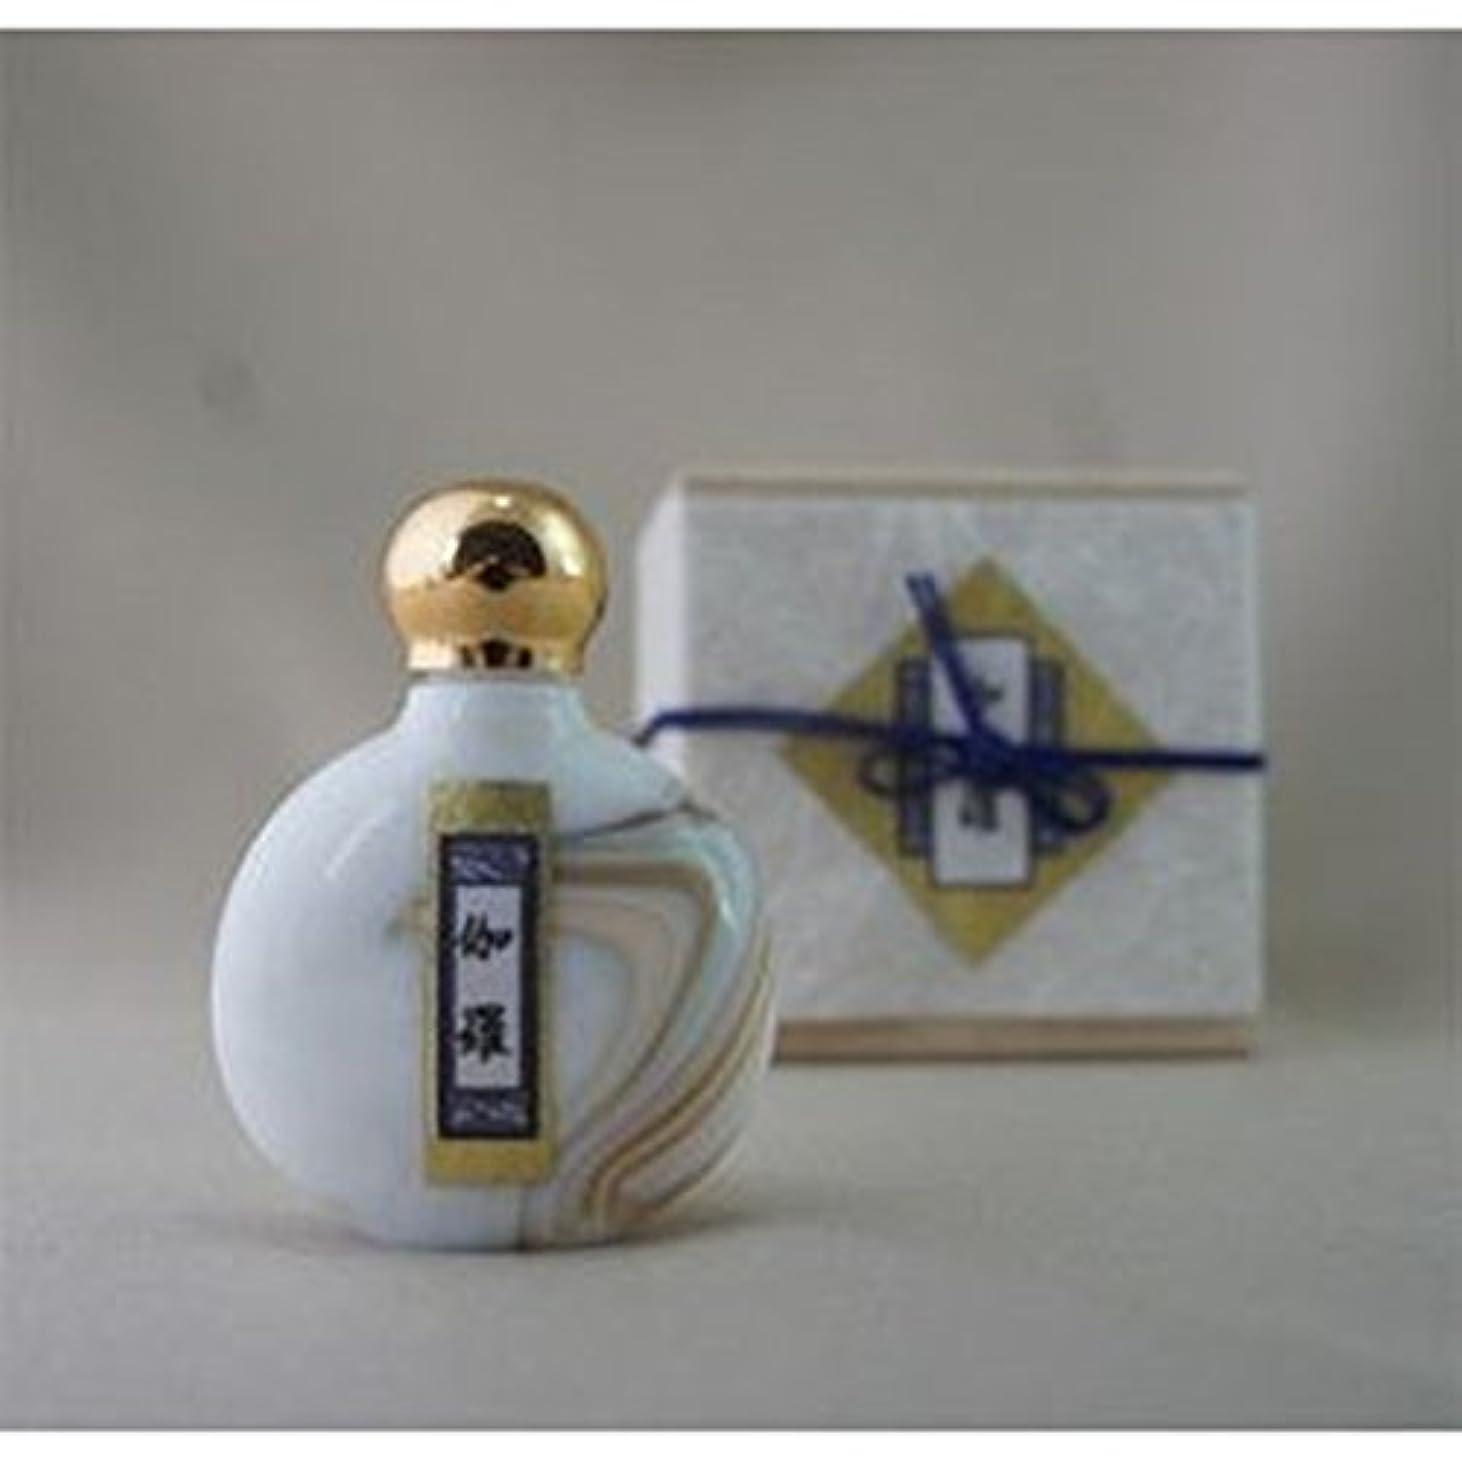 ボルト美徳フレームワーク液体香木perfume (伽羅)